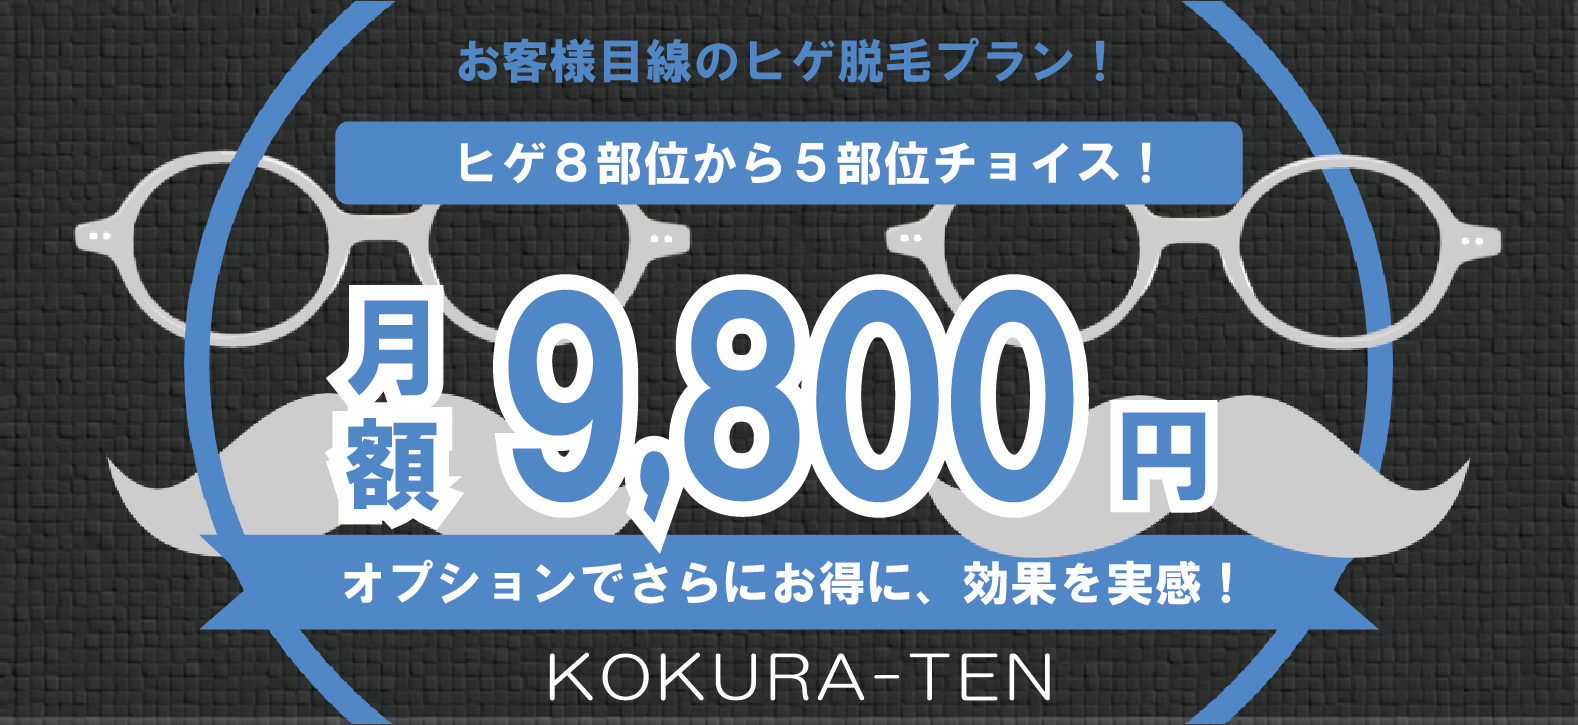 小倉店の月額ヒゲ脱毛キャンペーン価格は9,800円